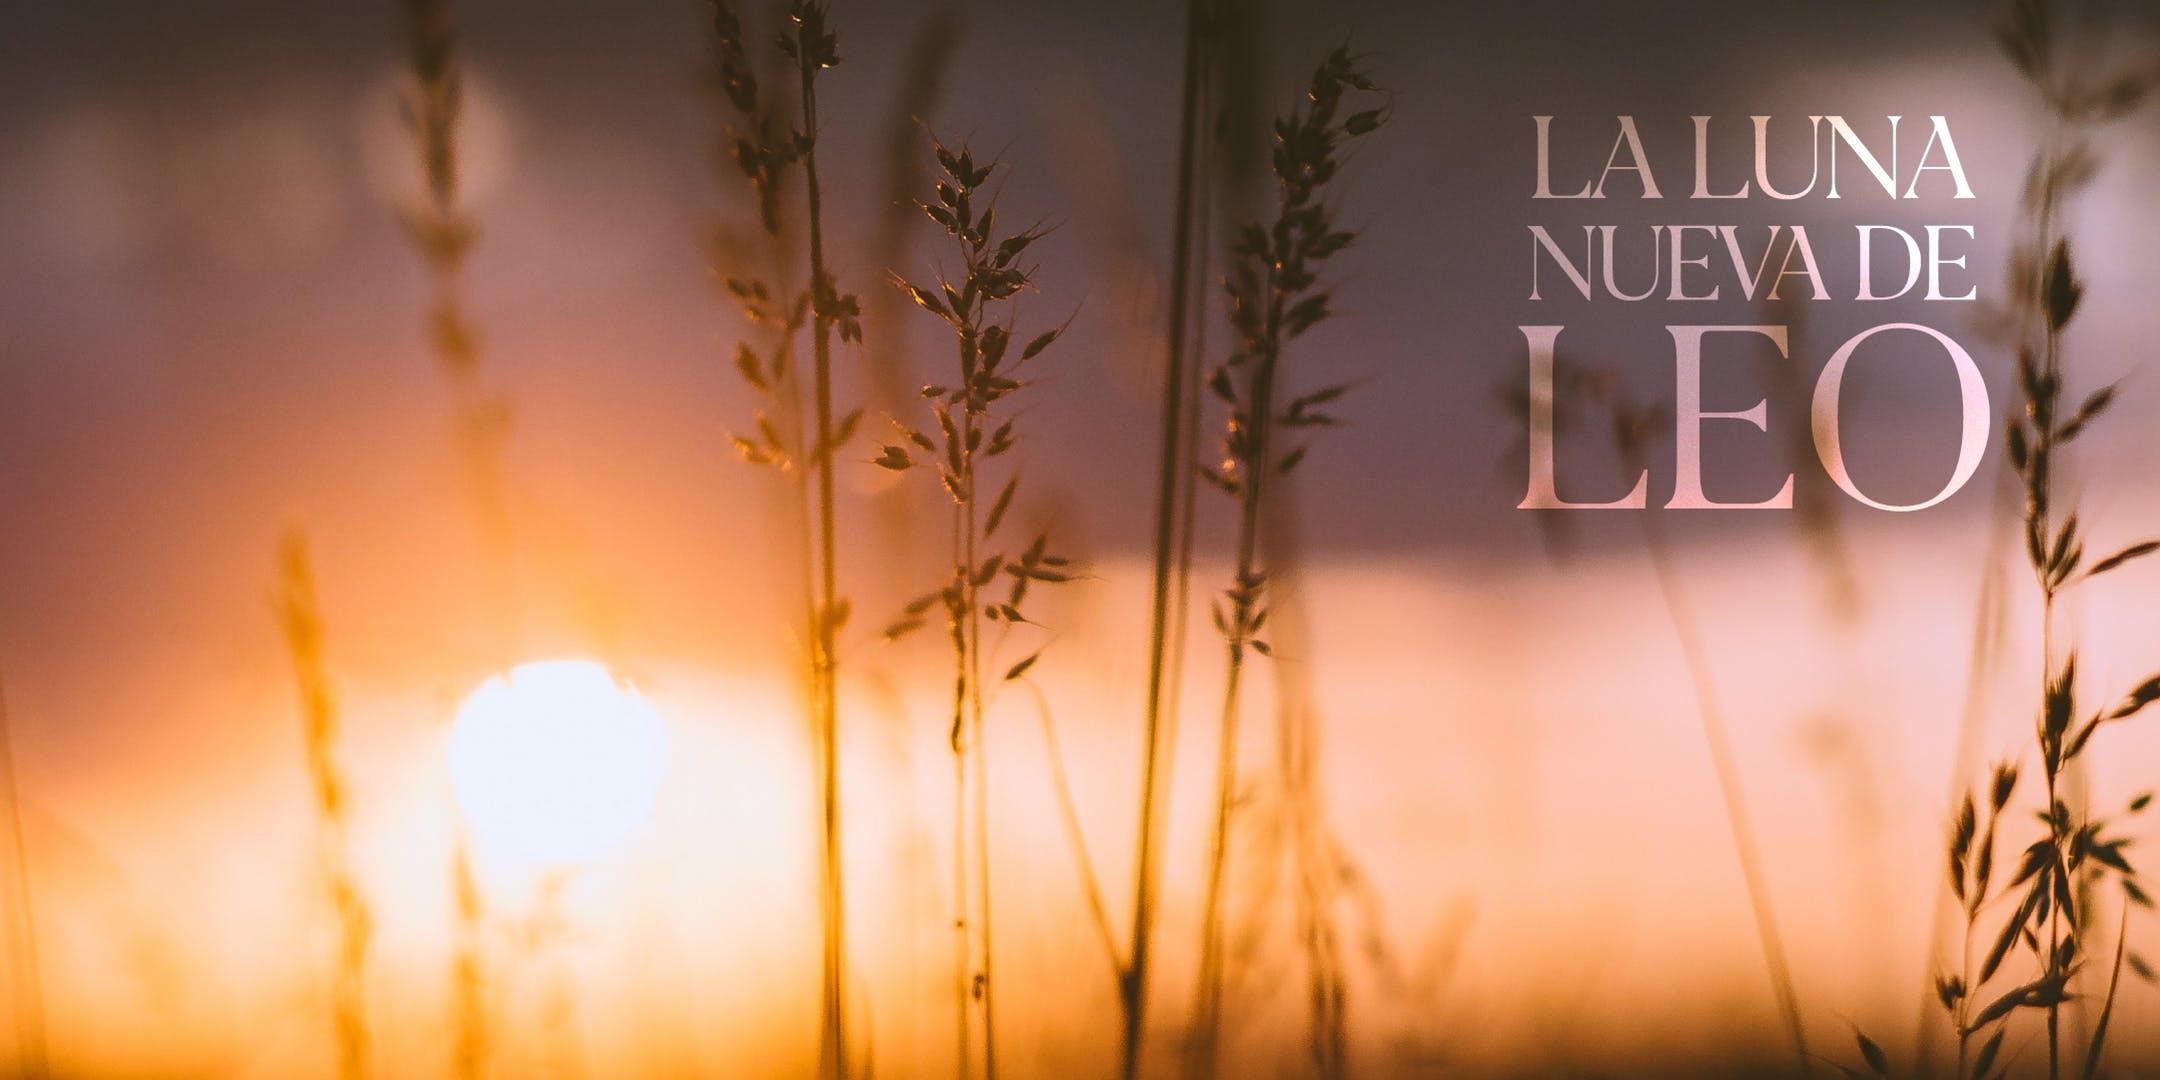 La Nueva Luna de Leo - Seminario de Una Noche - DORAL